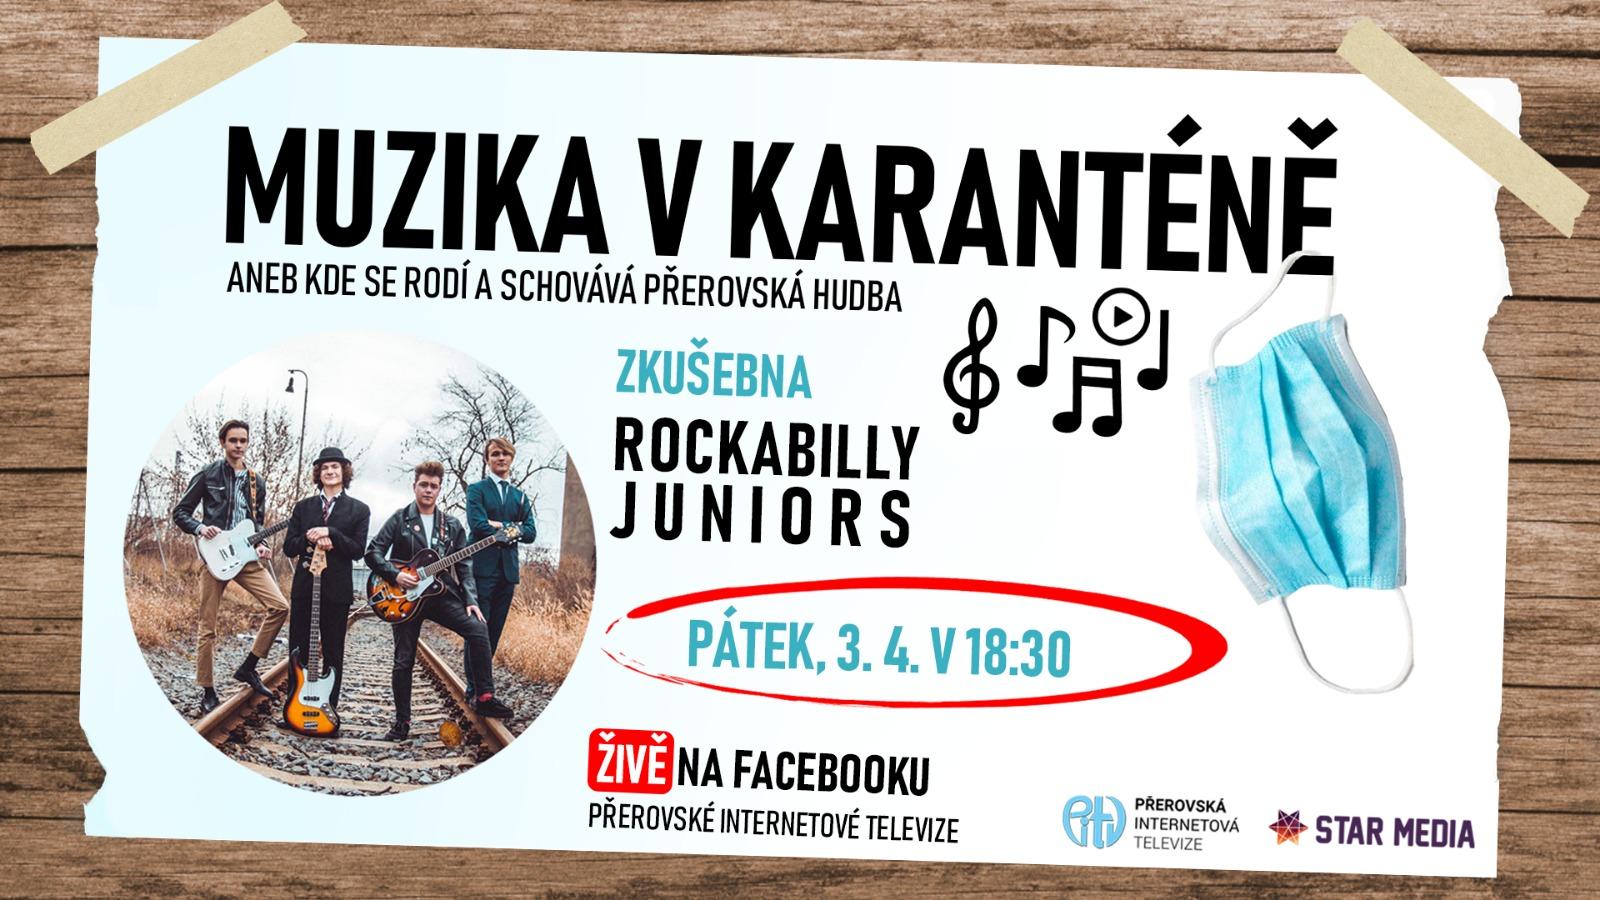 Živé vysílání koncertu ze zkušebny Rockabilly Juniors